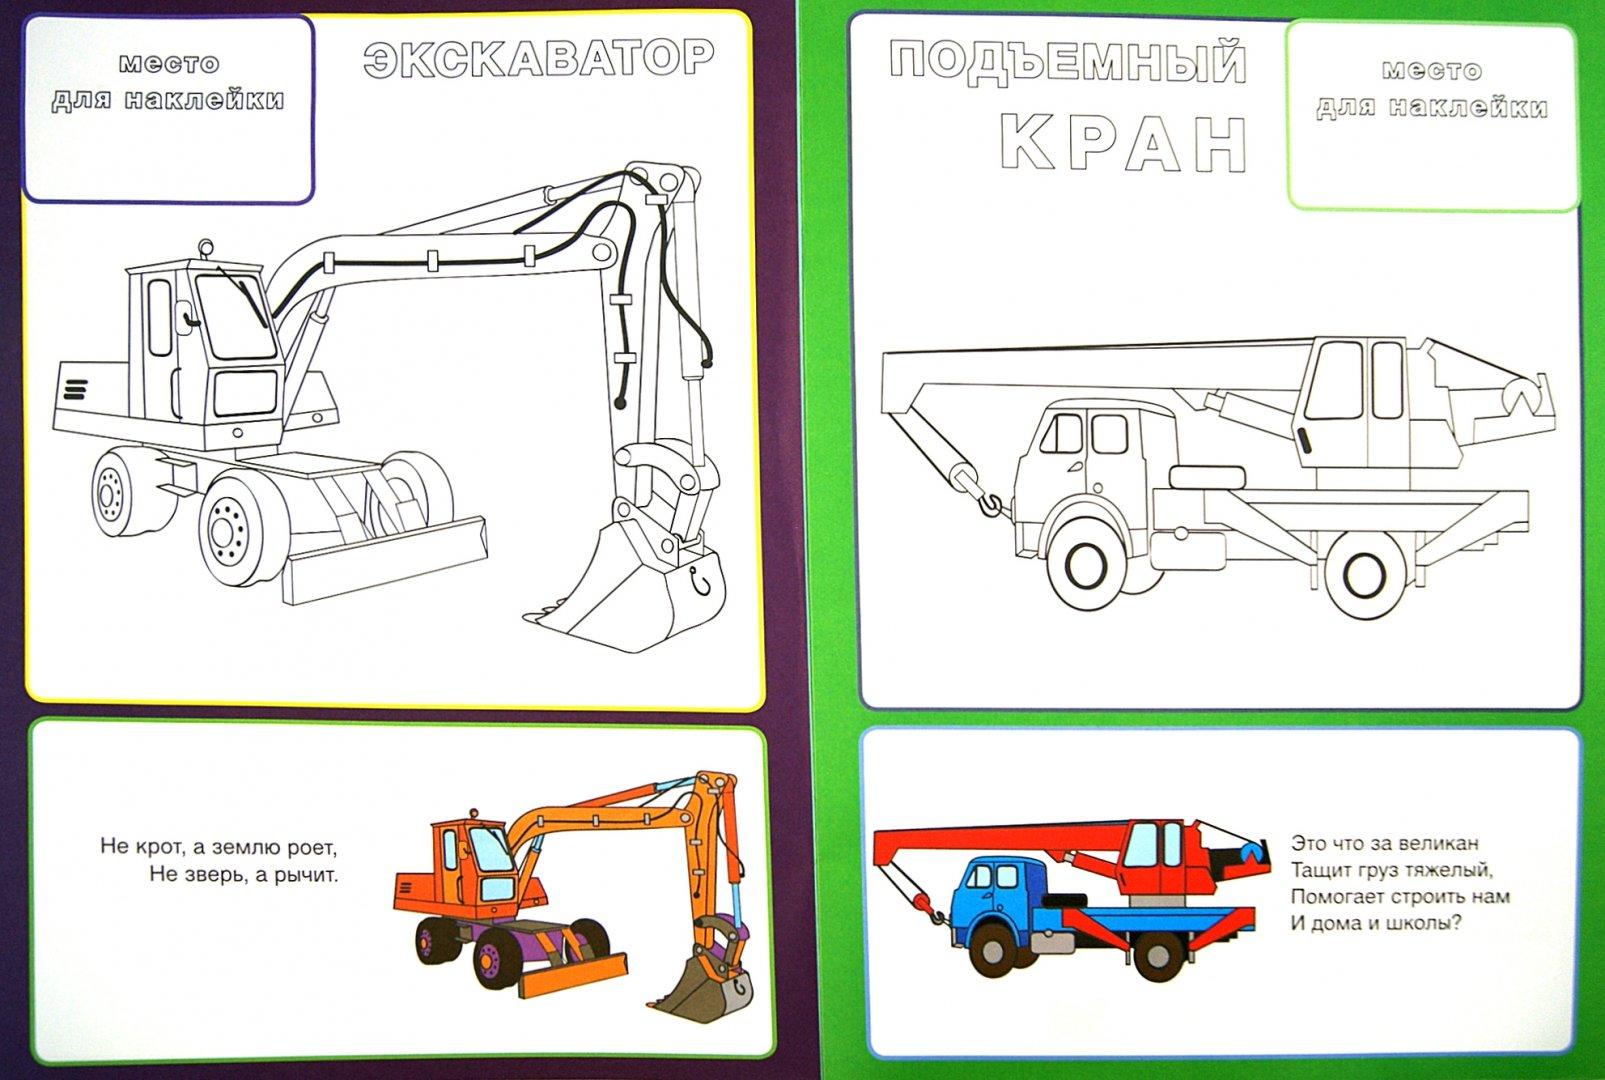 Иллюстрация 1 из 6 для Транспорт | Лабиринт - книги. Источник: Лабиринт